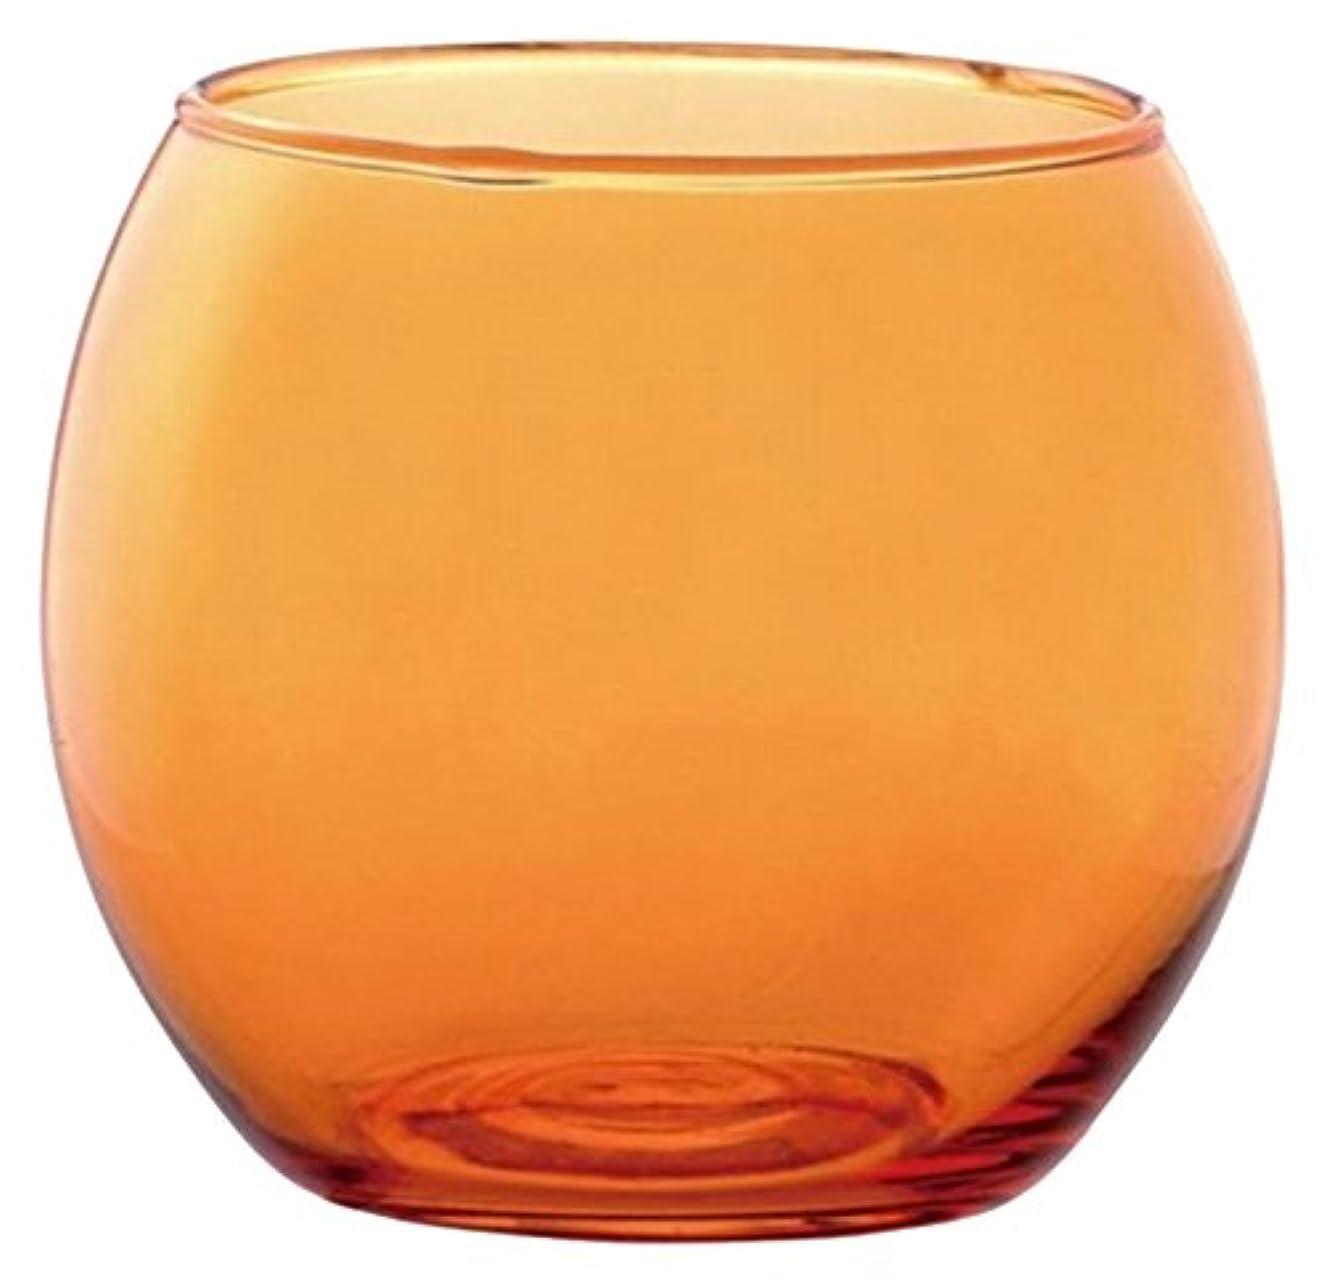 またブランド名キラウエア山カメヤマキャンドルハウス スフィアキャンドルホルダー  オレンジ